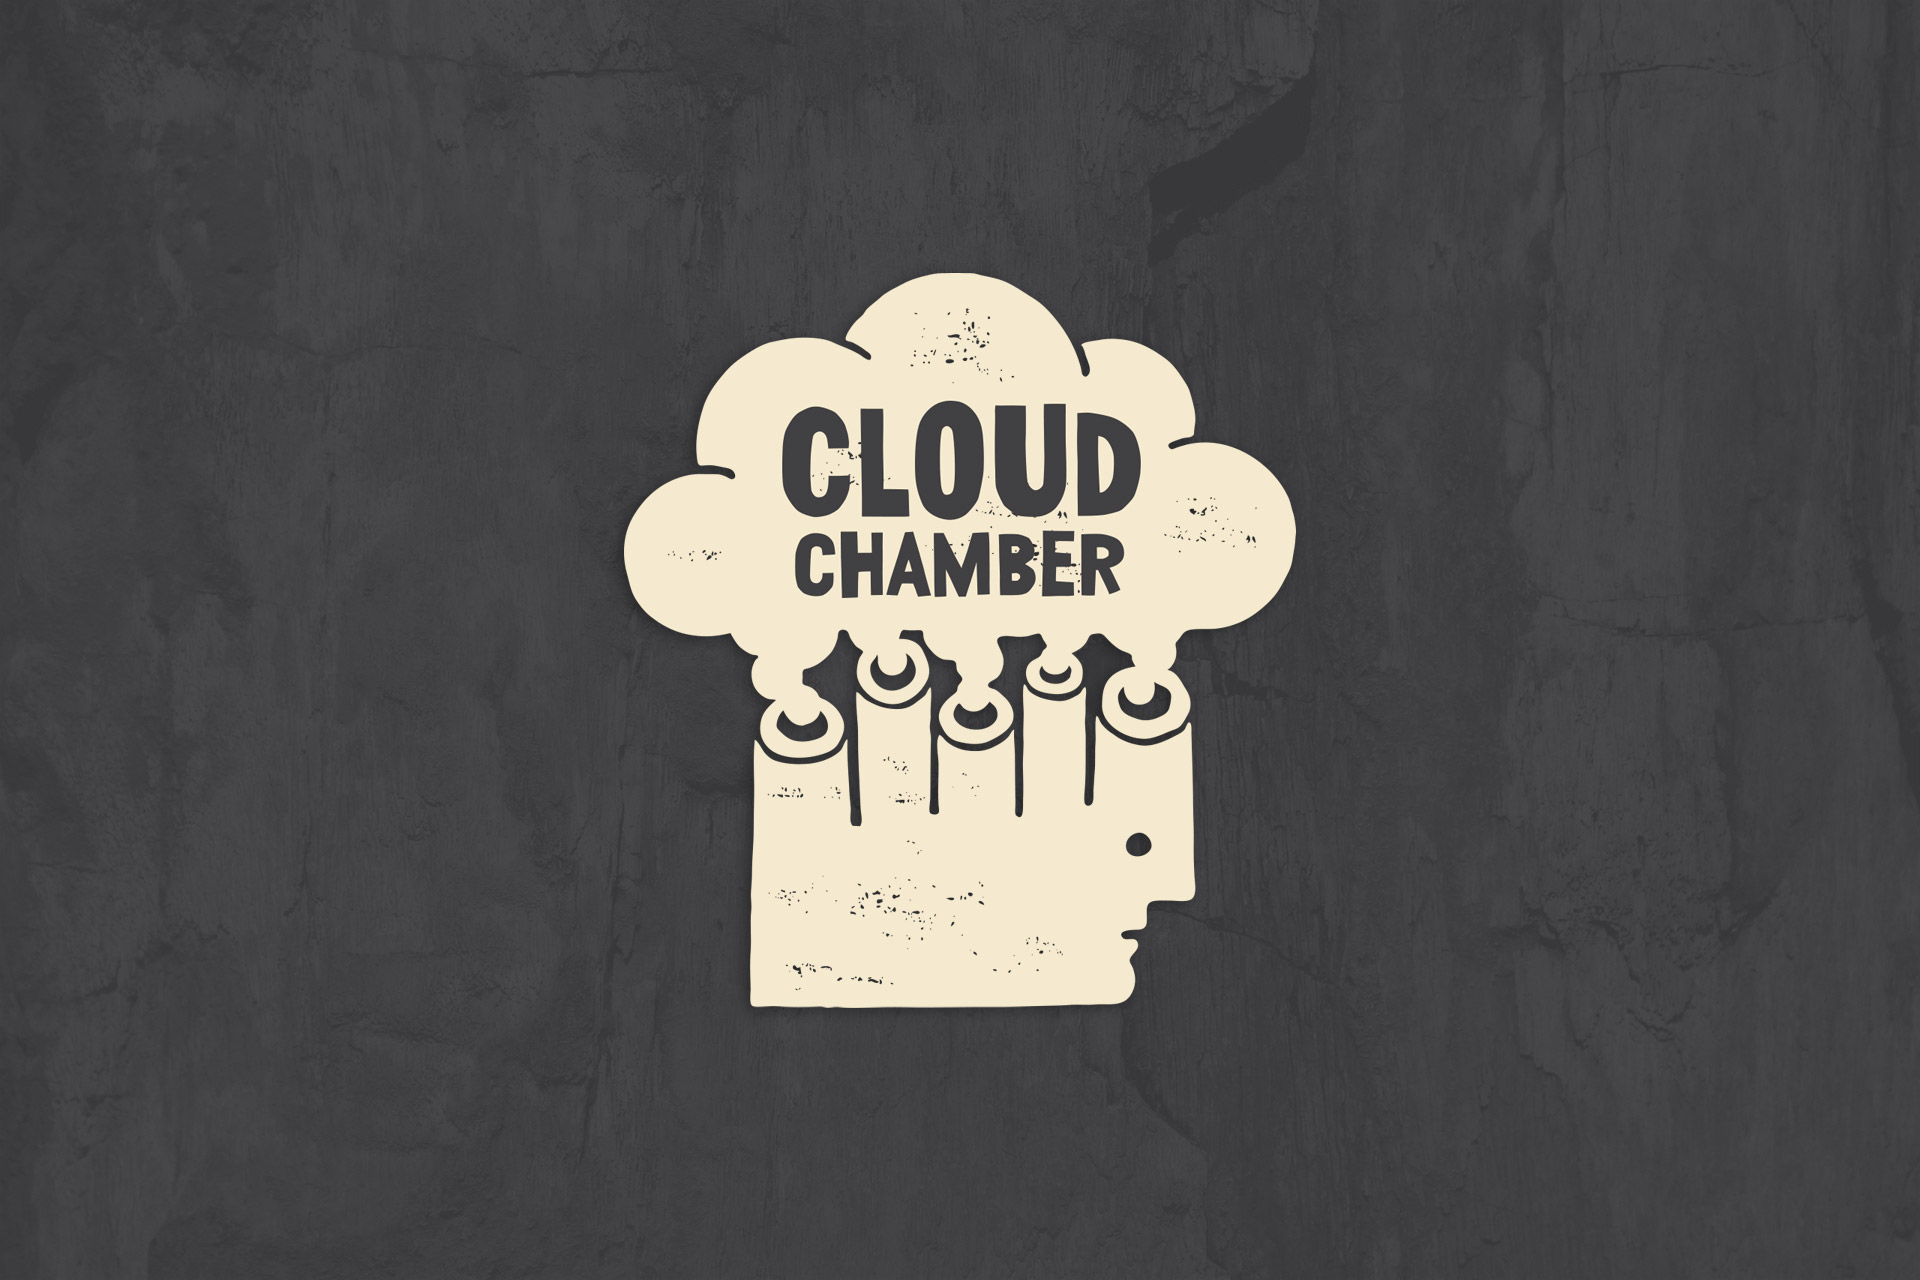 2k Cloud Chamber 『バイオショック』シリーズ最新作開発決定!2Kが新スタジオ設立